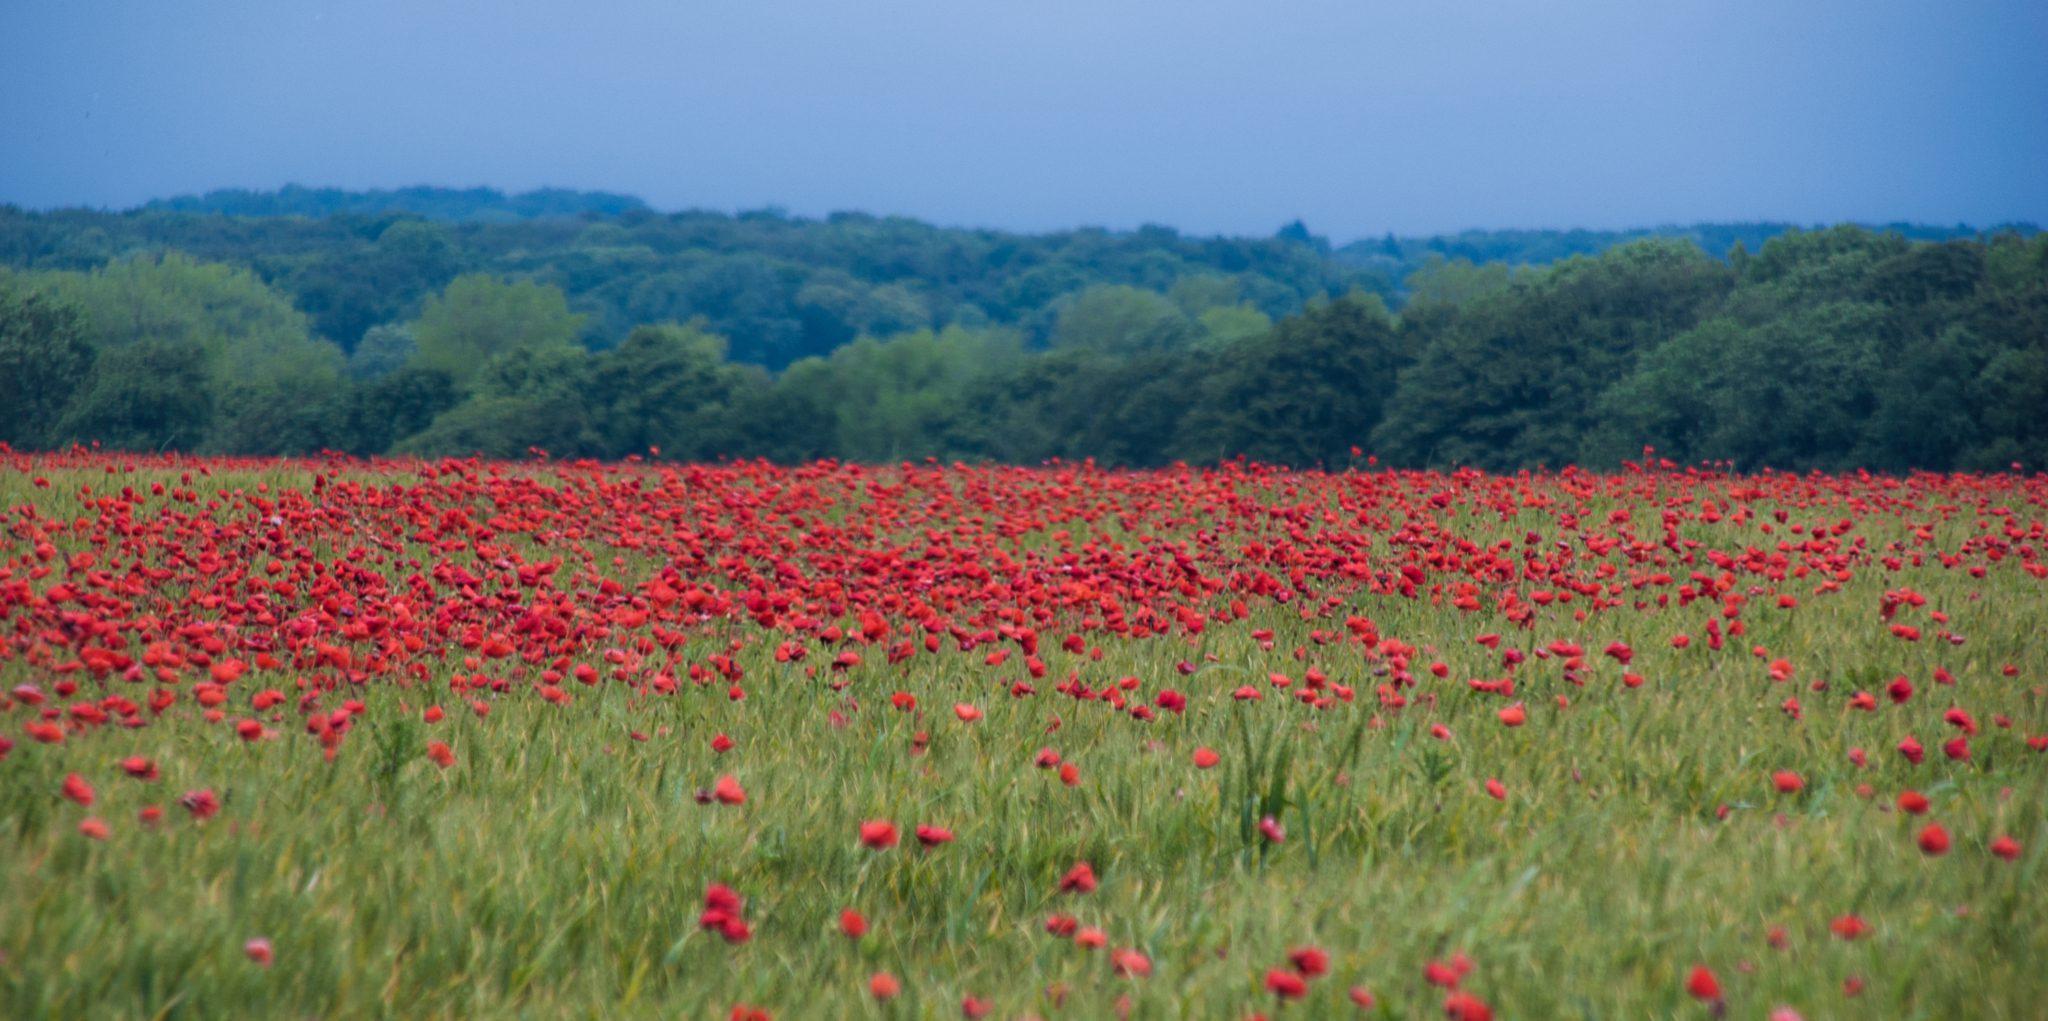 De Somme staat vol met klaprozen (poppies); het symbool voor de gesneuvelden van de Eerste Wereldoorlog.